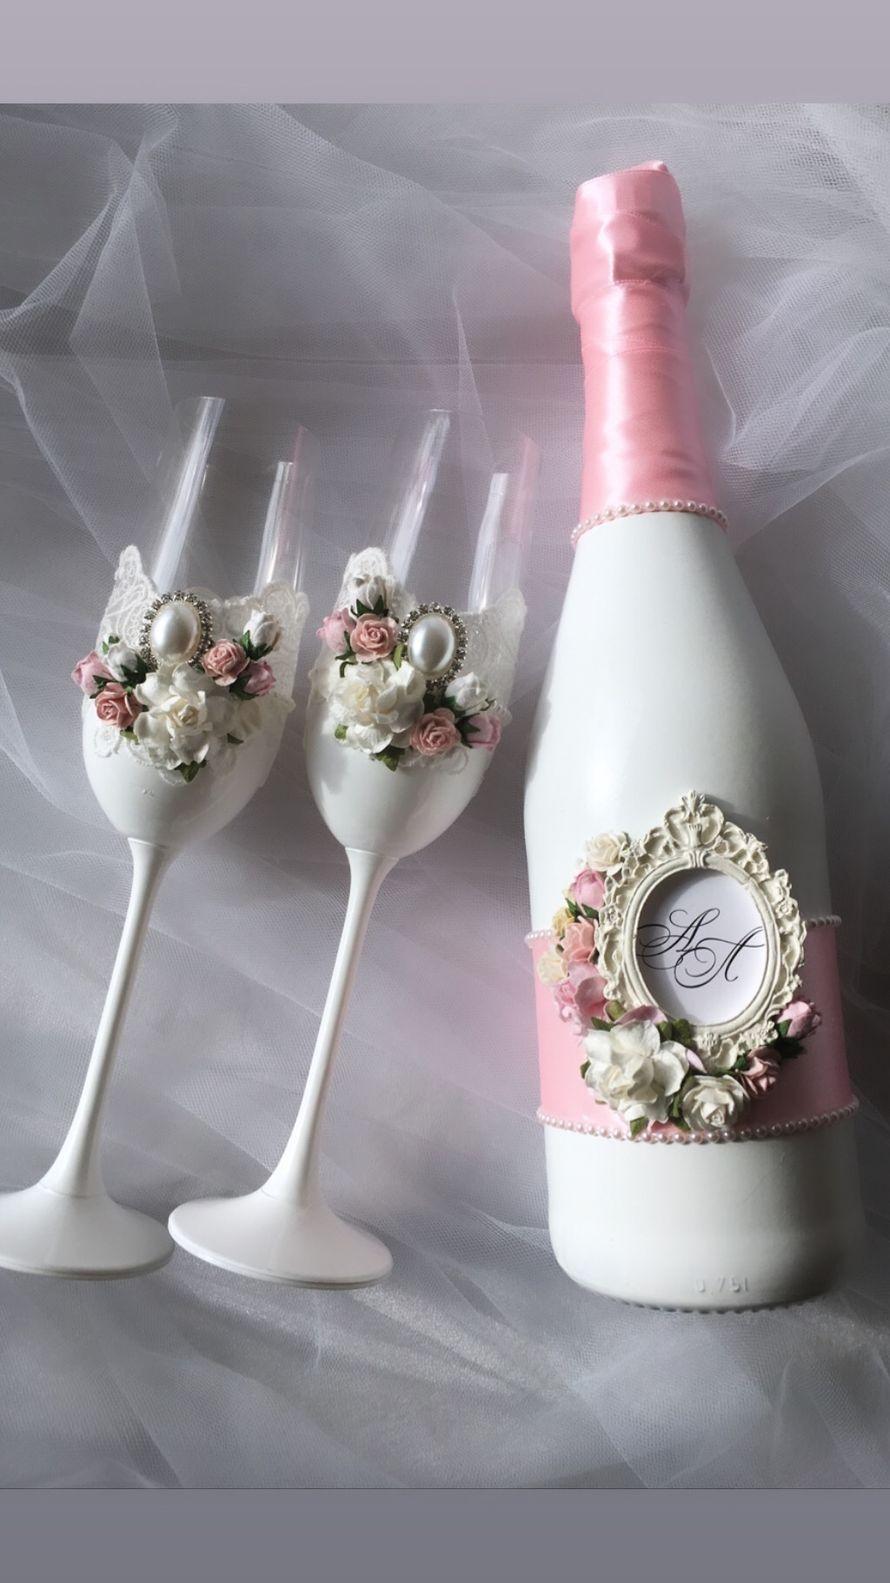 Фото 19225268 в коллекции Портфолио - Wedding accessories - мастерская аксессуаров